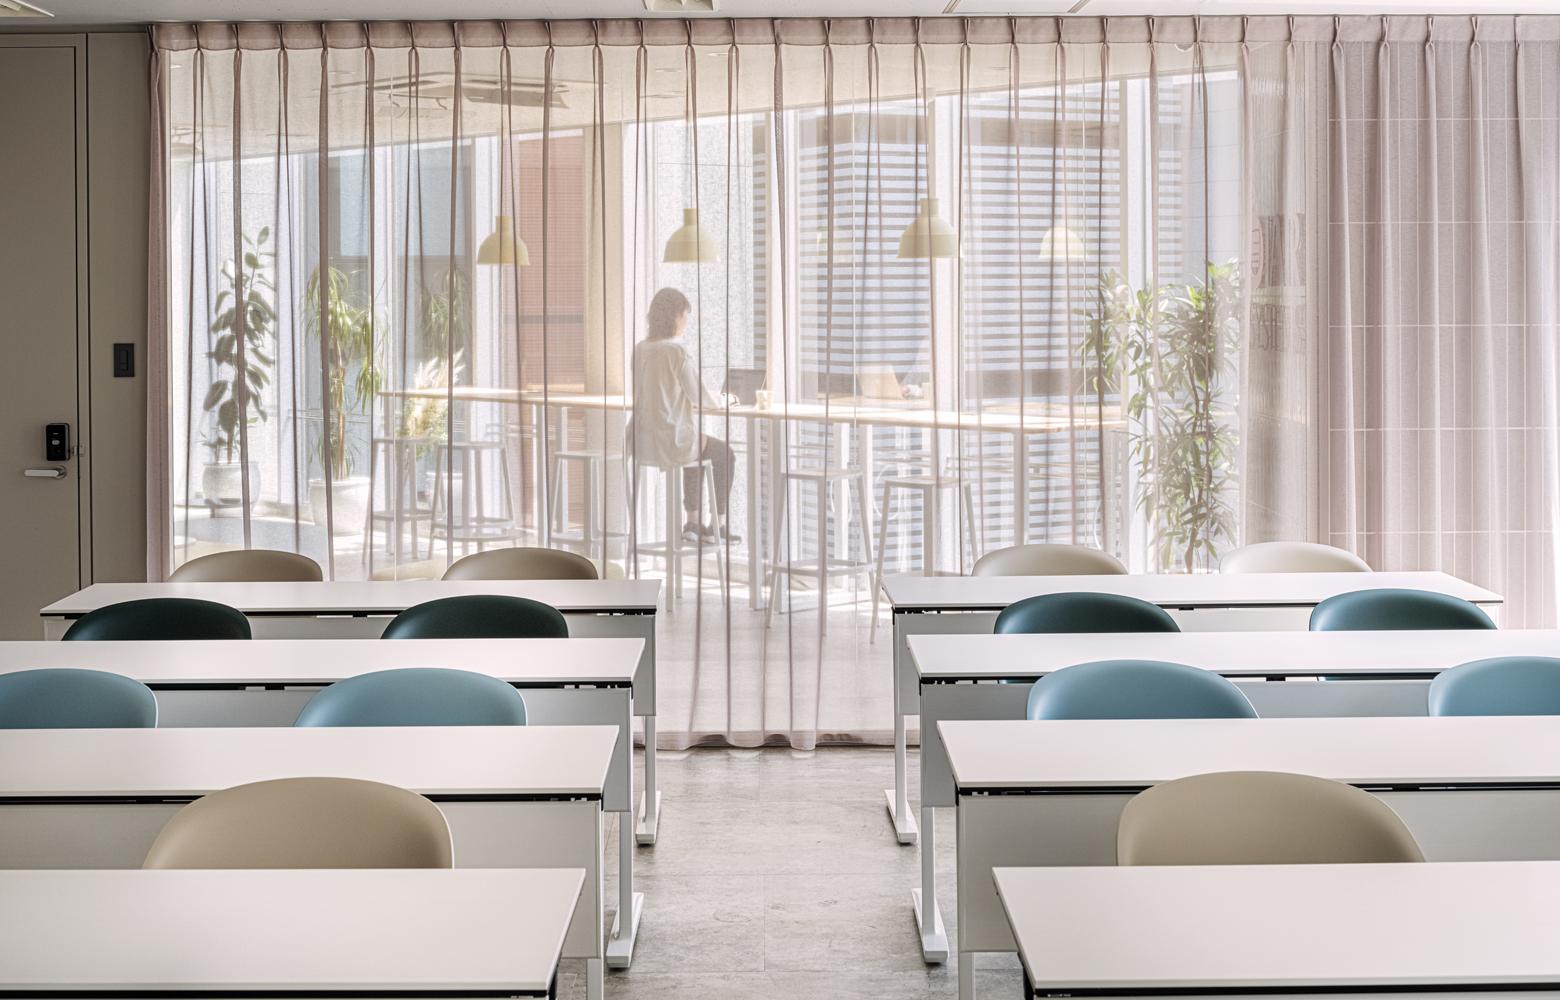 IARシステムズ株式会社 Seminar Room デザイン・レイアウト事例